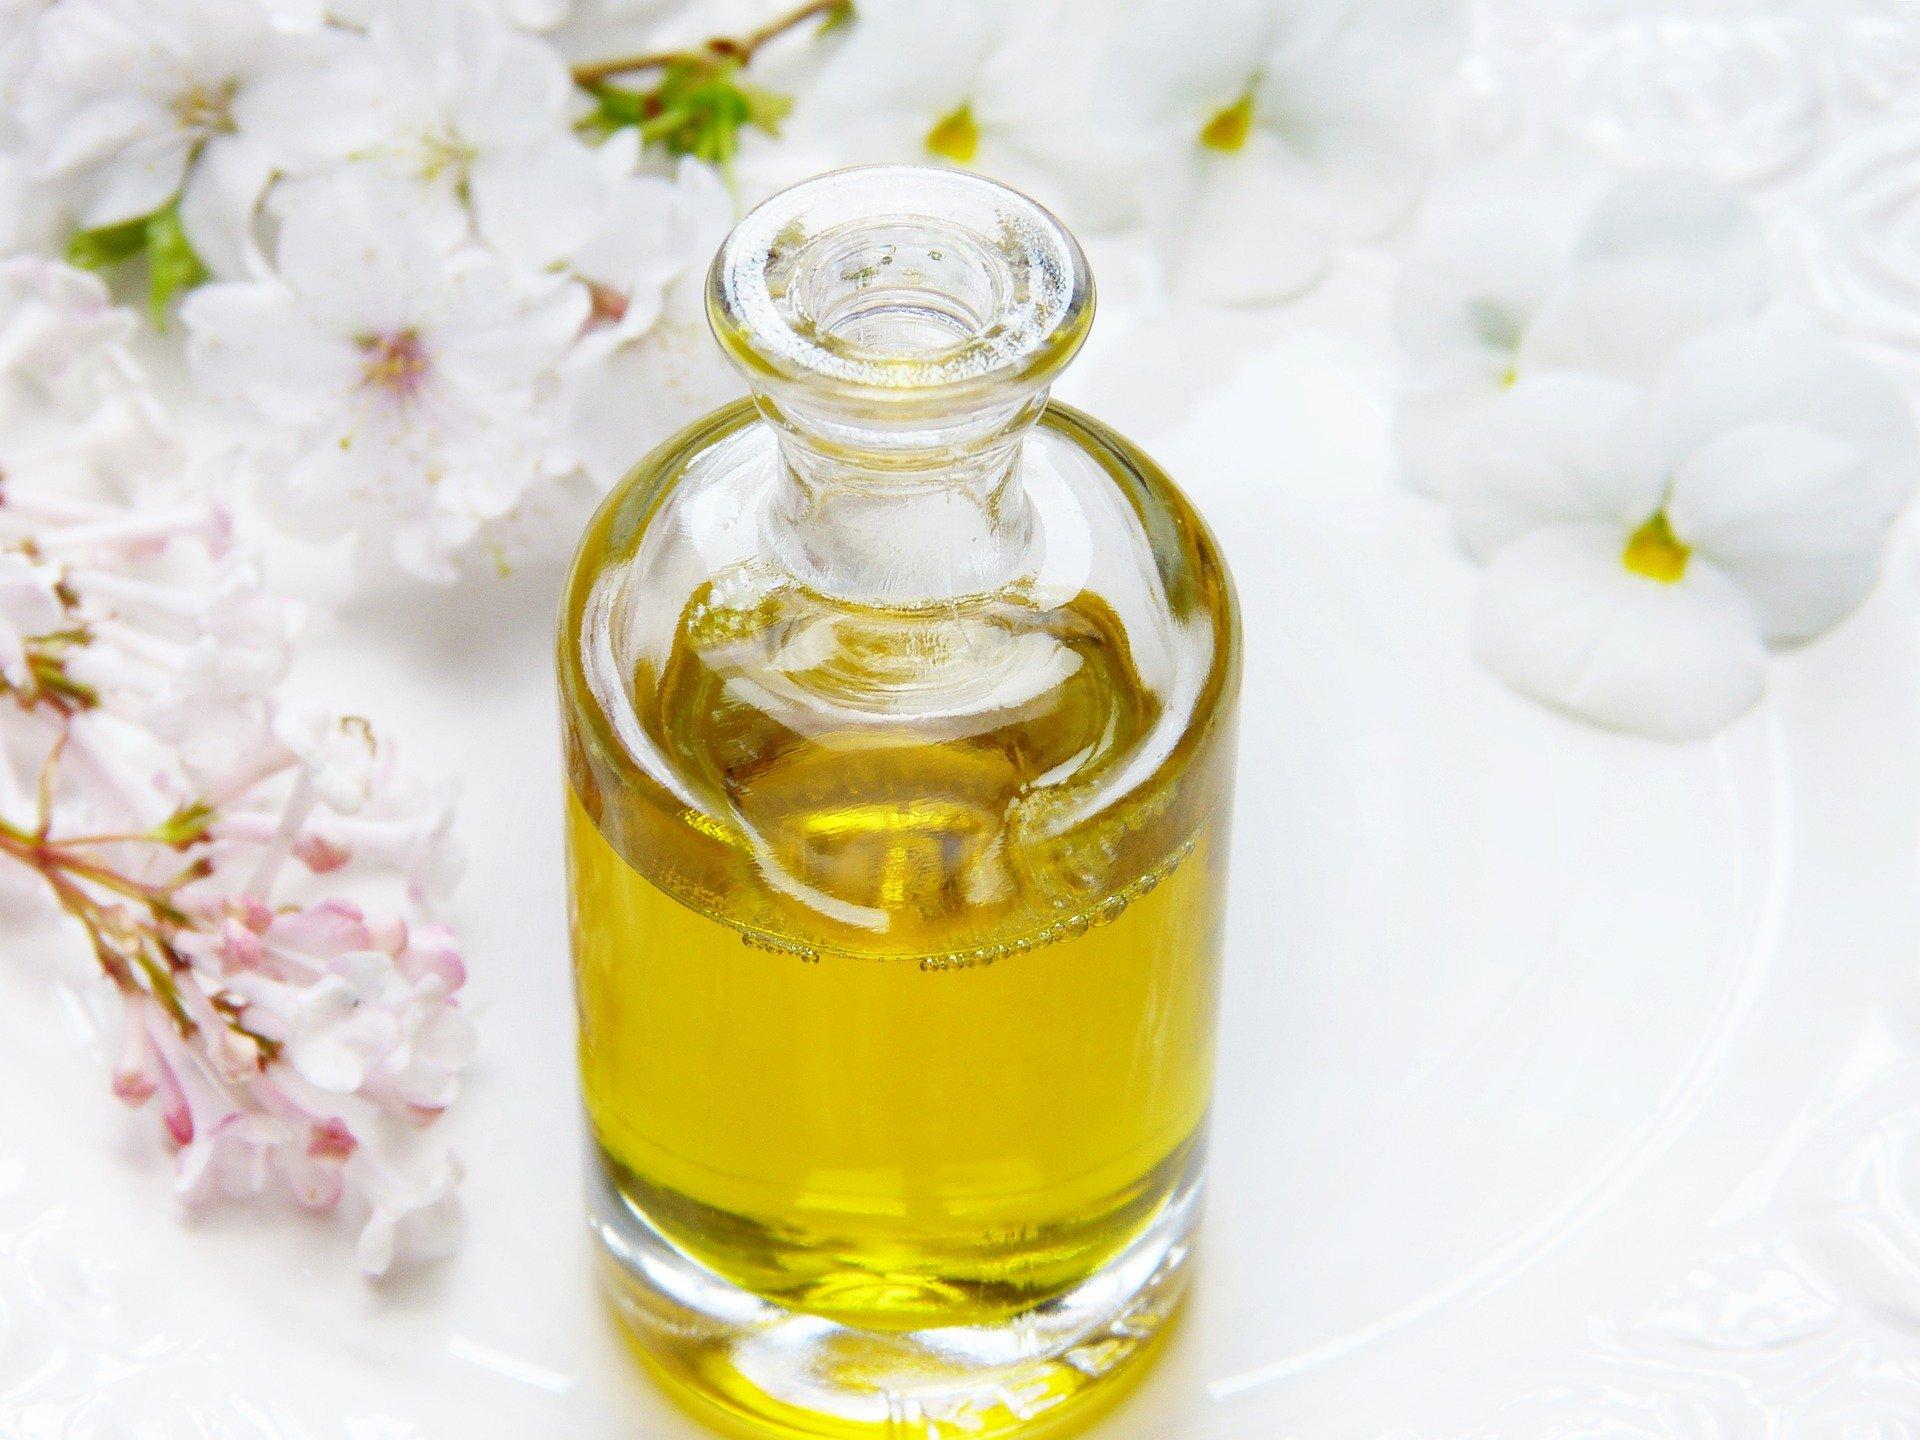 Foto de um vidro com óleo em um prato e flores ao lado. Imagem ilustrativa para o texto como remover manchas no carpete.